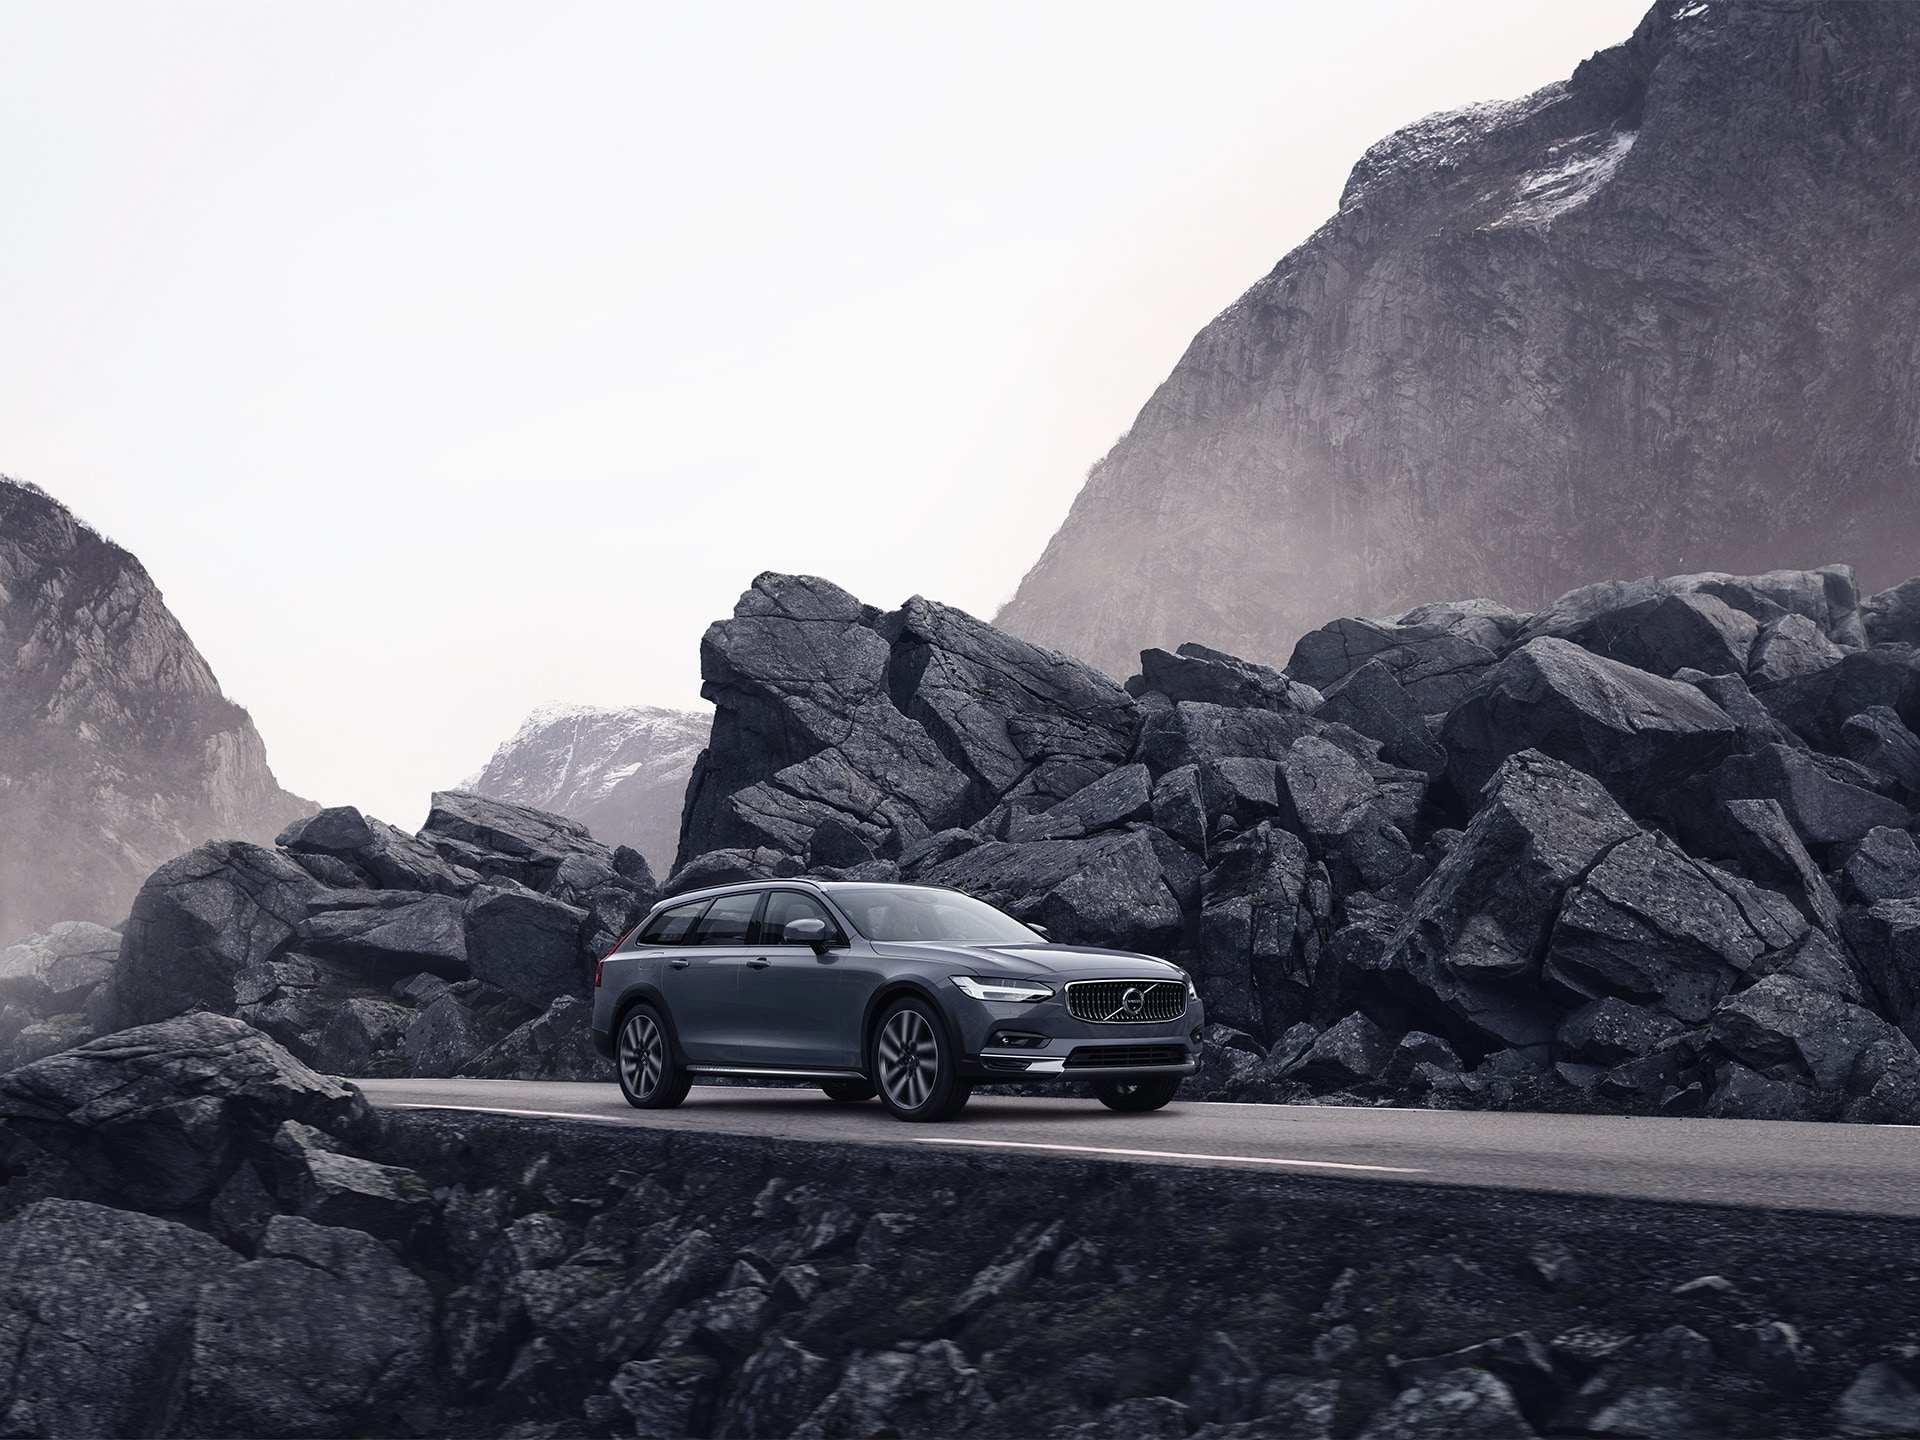 Volvo gris circulando por una carretera con piedras a los lados del camino